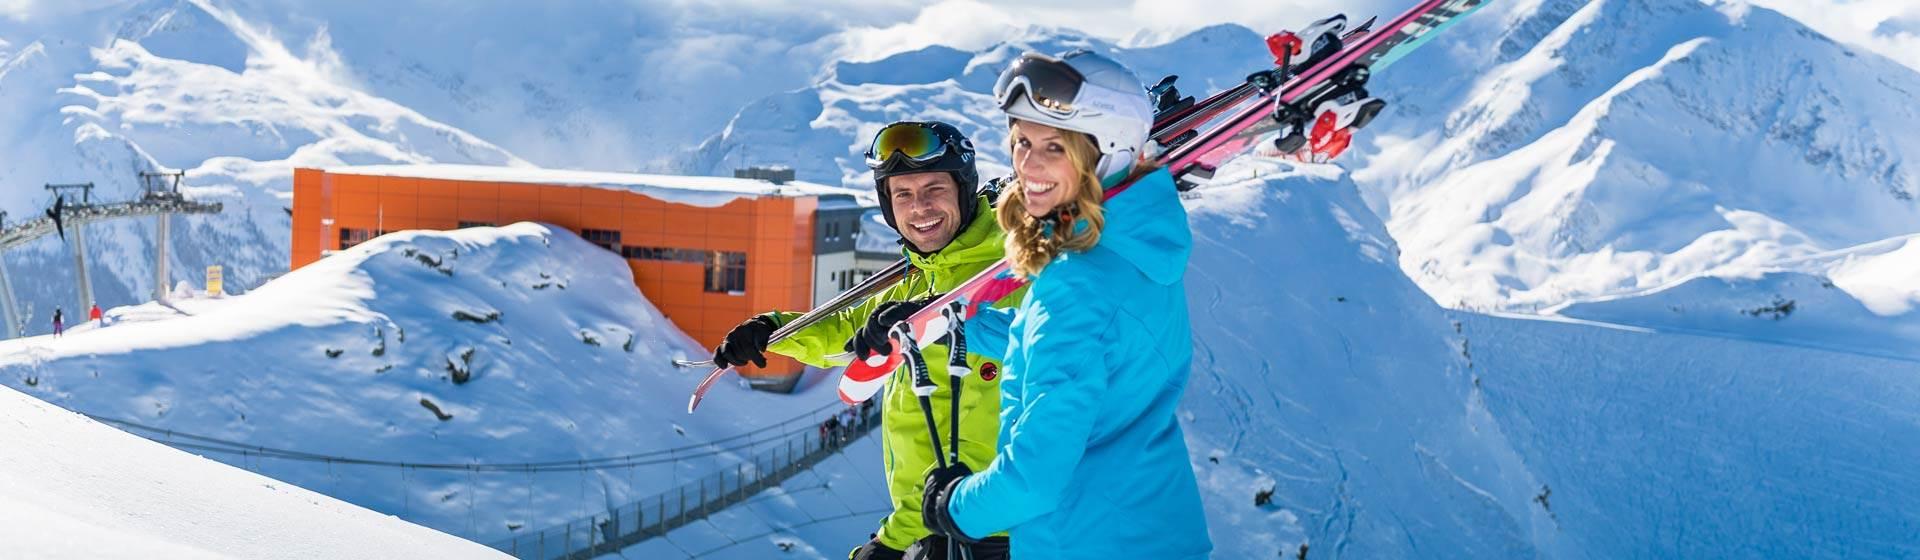 Paar steht auf Skipiste und schultert Skier